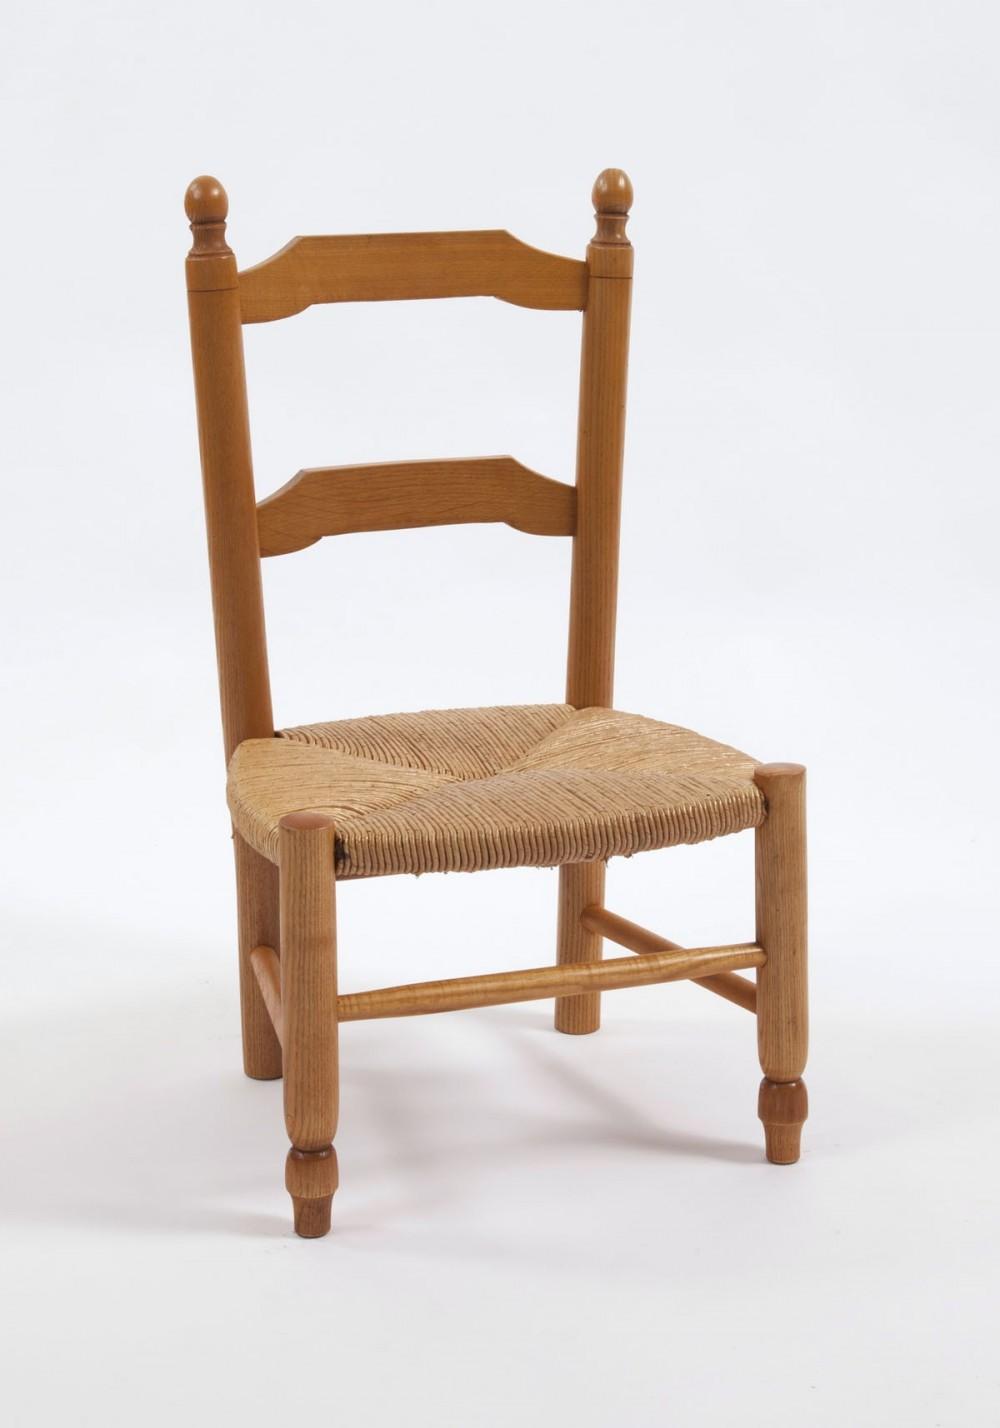 chaise ronde enfant la chaise artisanale. Black Bedroom Furniture Sets. Home Design Ideas